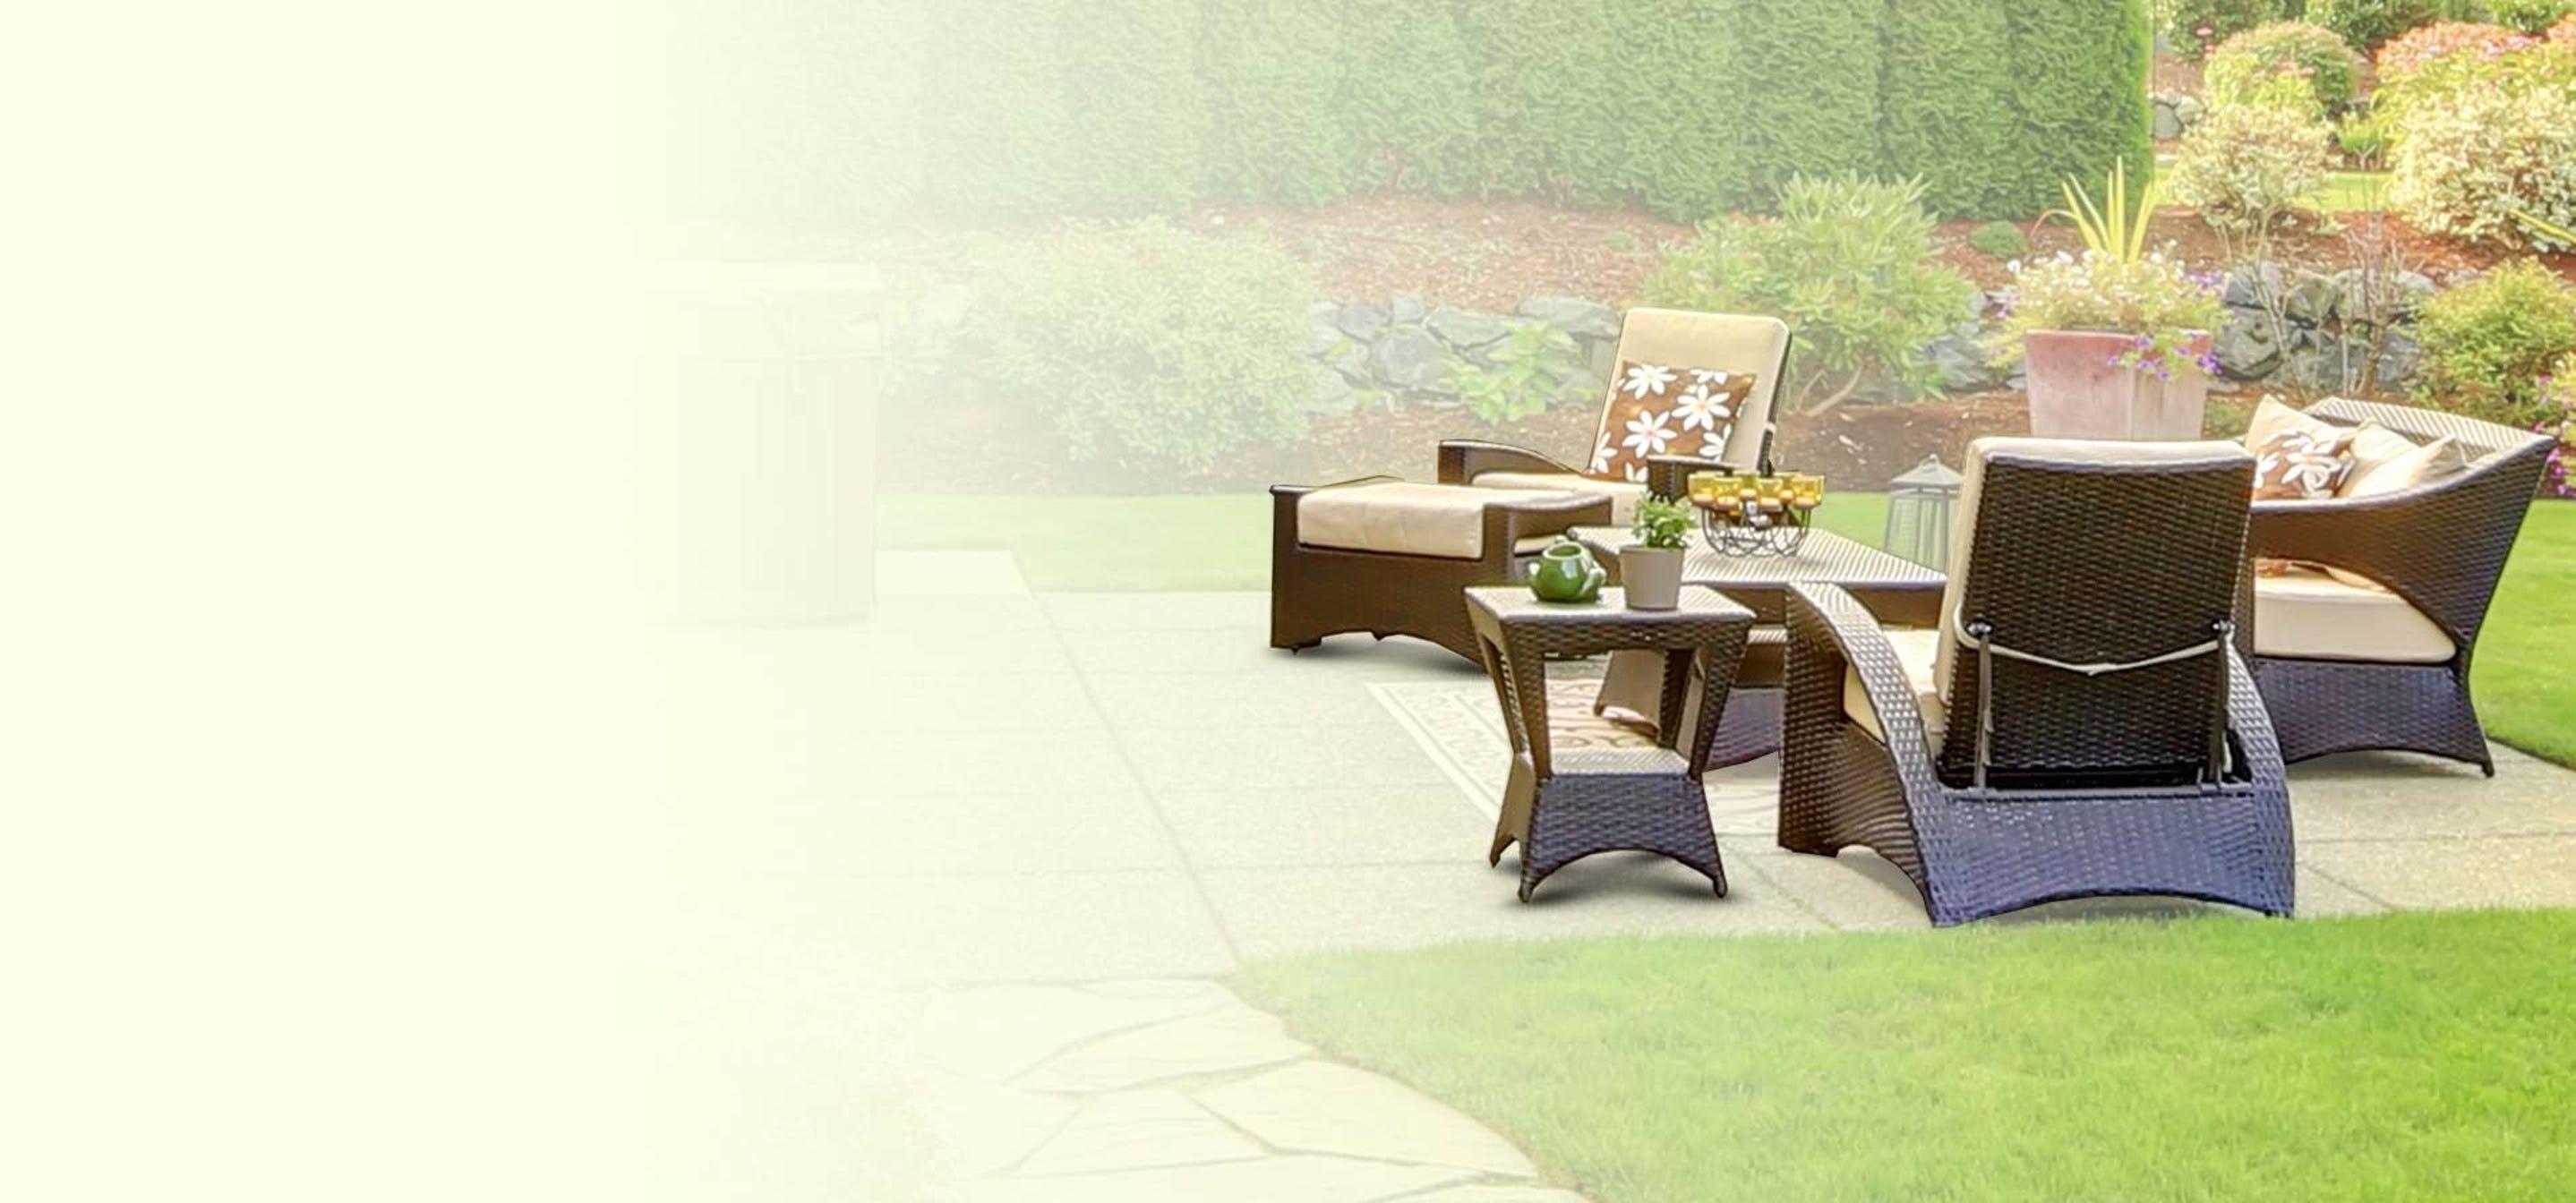 Patio Furniture: Outdoor, Garden & Balcony Furniture  Best Buy Canada